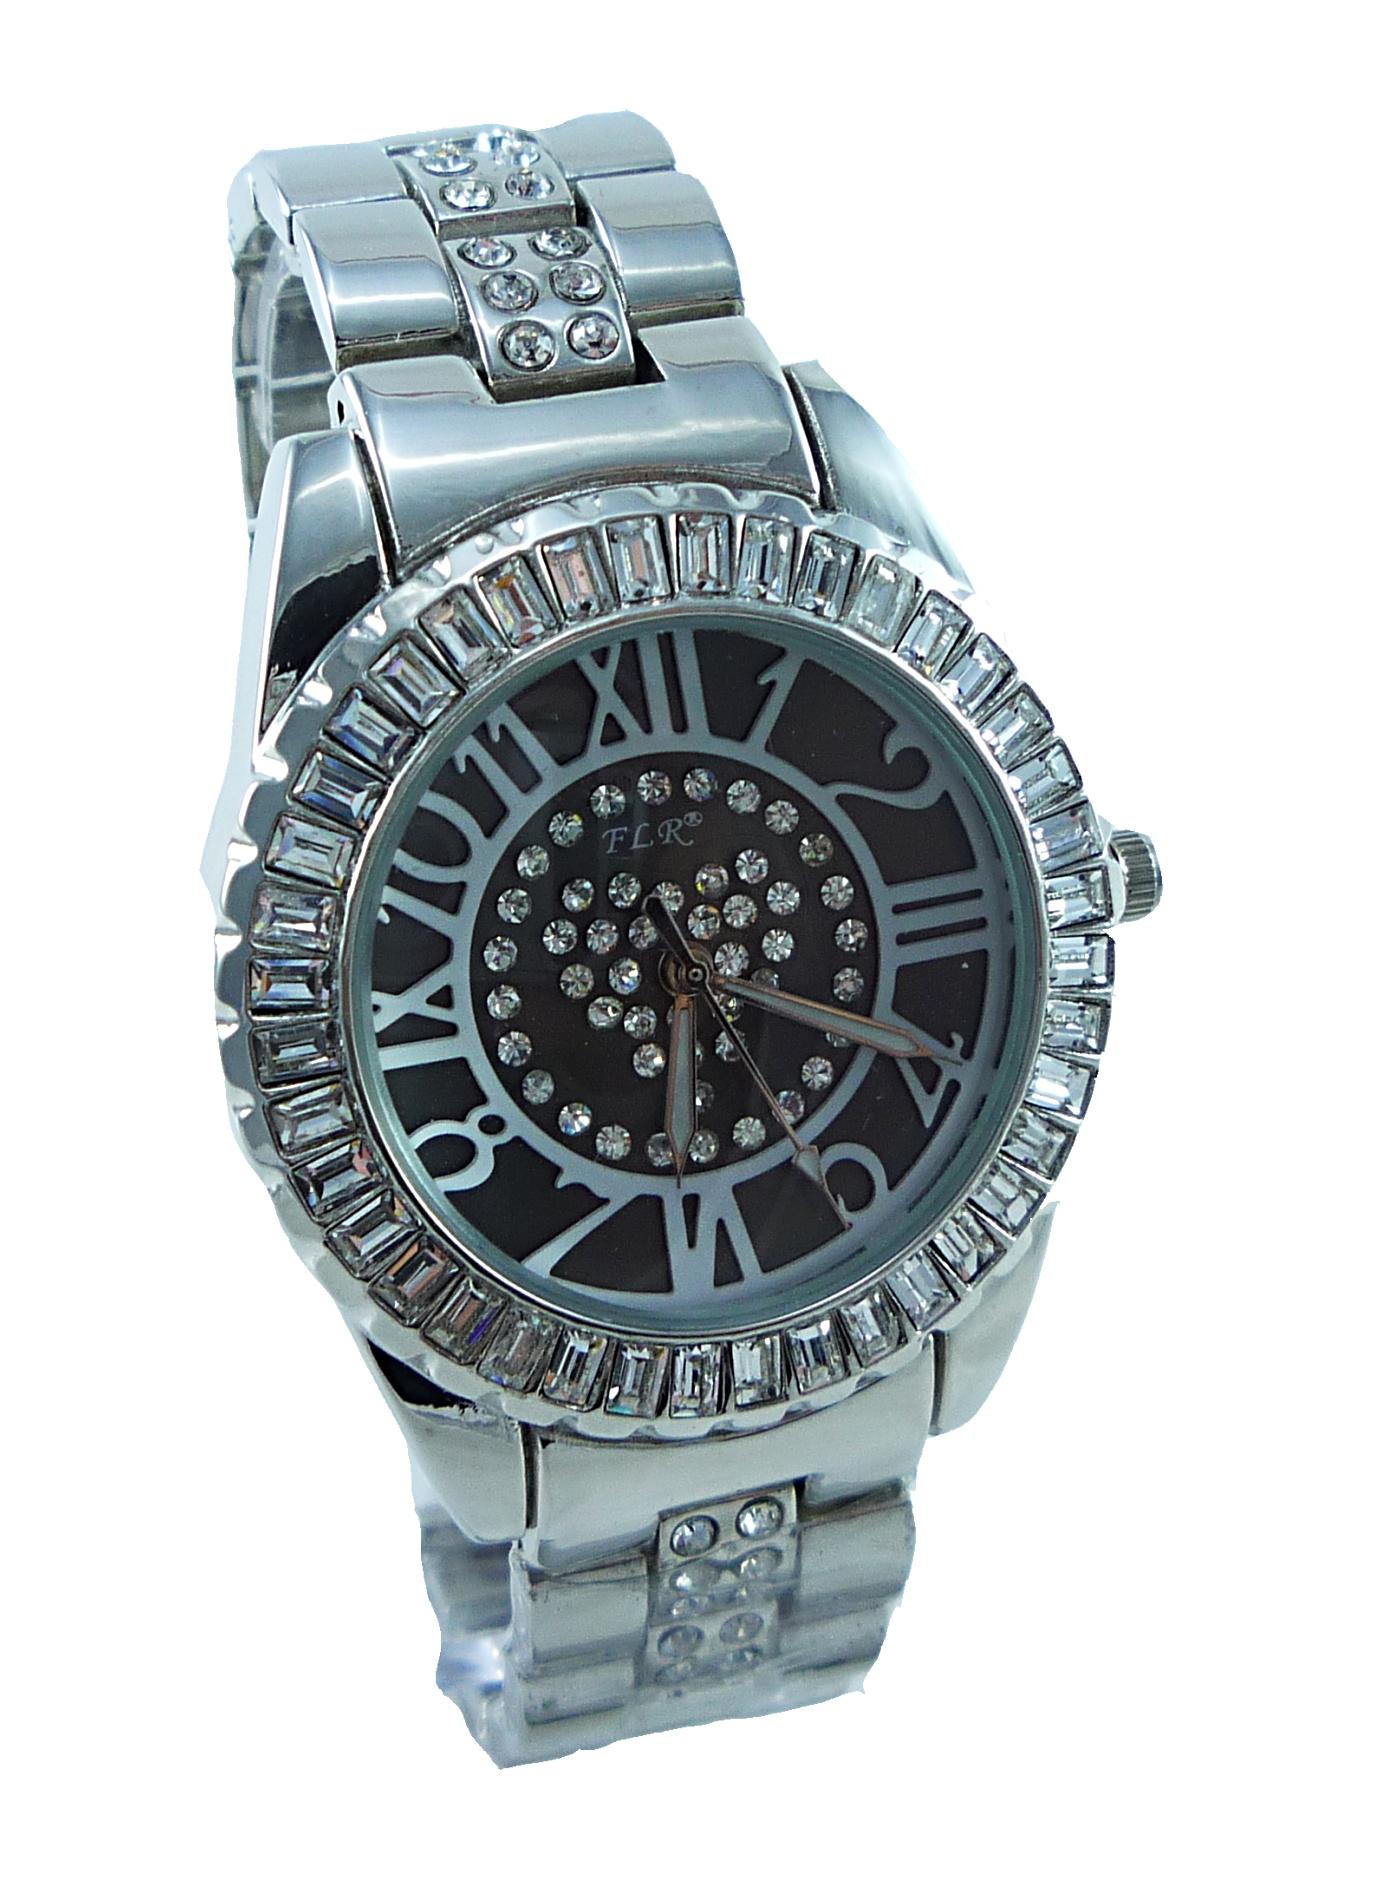 Dámské stříbrné hodinky FLR EXTRA silver 041D